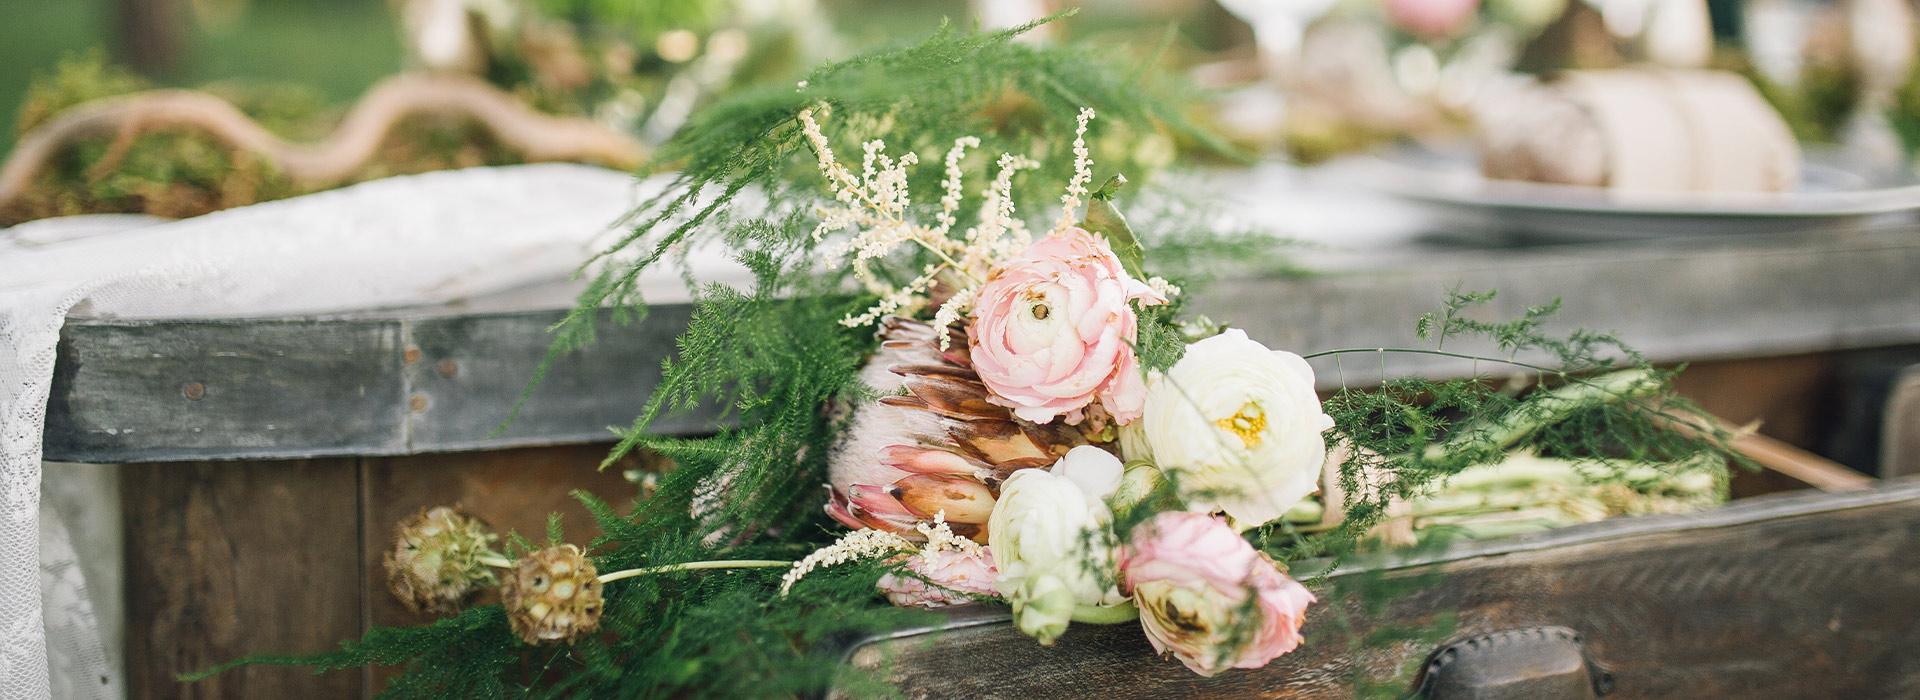 4 Seasons Weddings